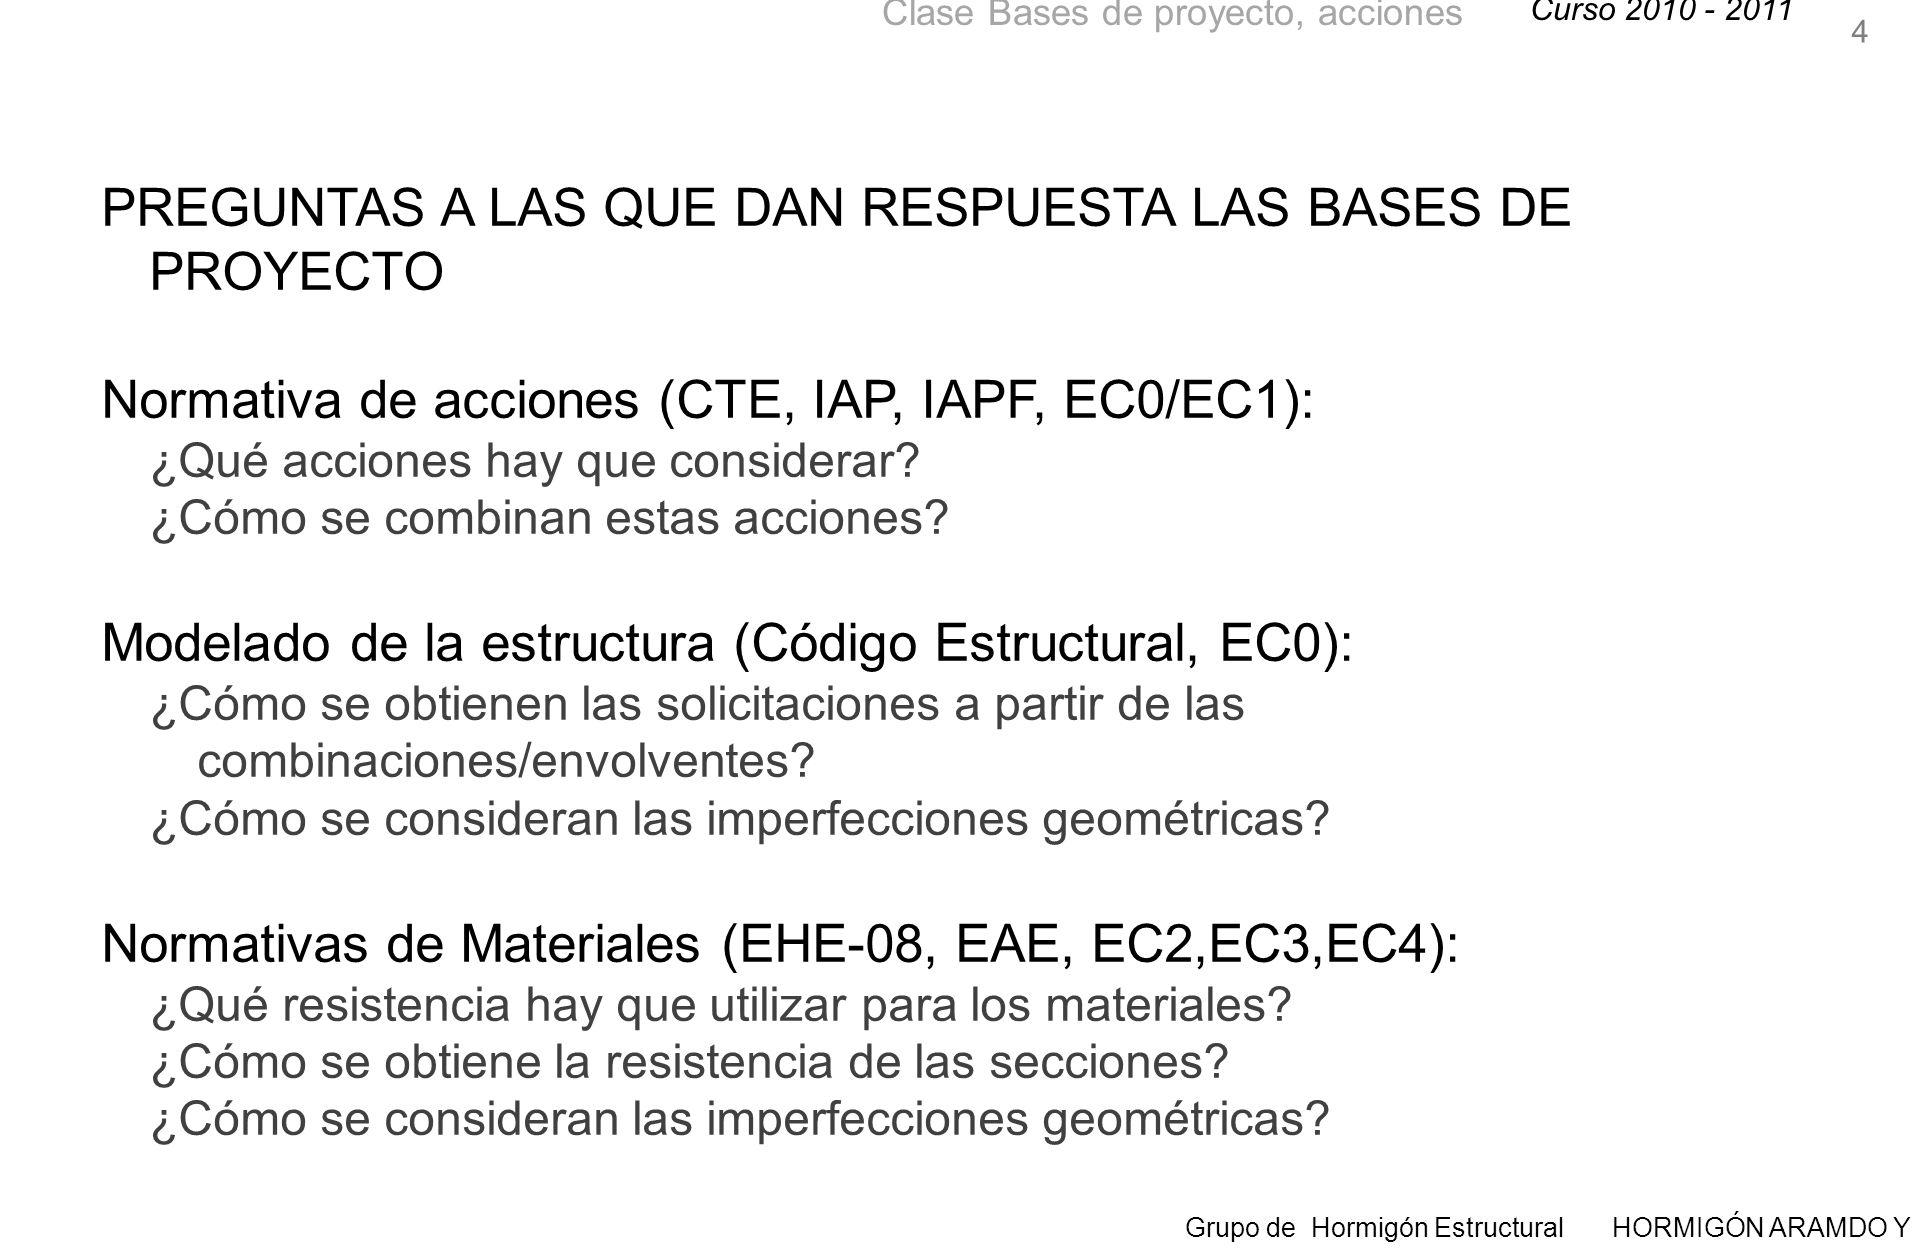 Curso 2010 - 2011 Grupo de Hormigón Estructural HORMIGÓN ARAMDO Y PRETENSADO II Clase Bases de proyecto, acciones 15 2.4.